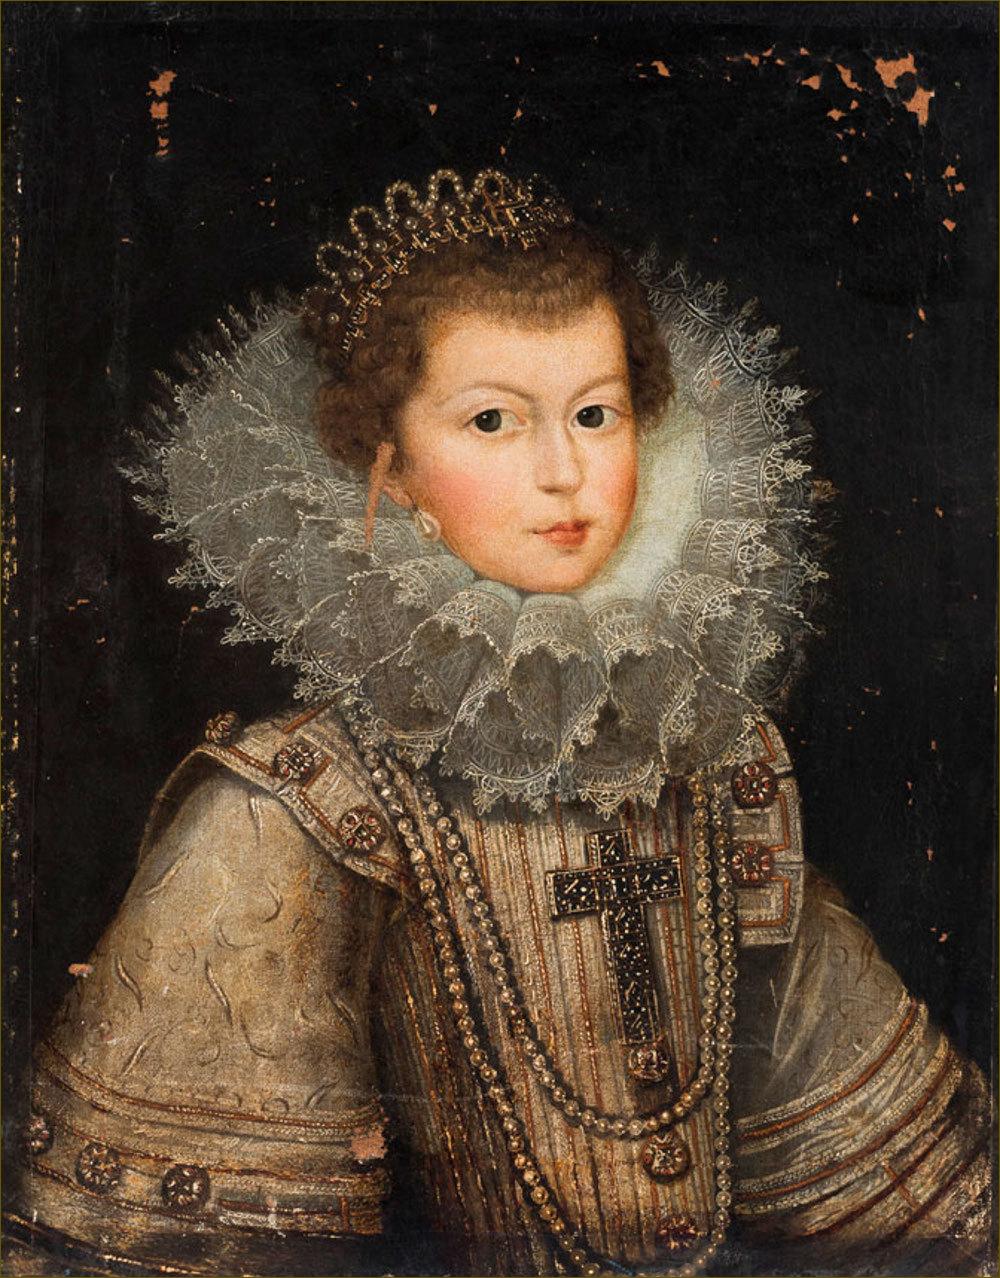 Anne d'Autriche, infante d'Espagne, reine de France, d'après Bartholomé Gonzalès